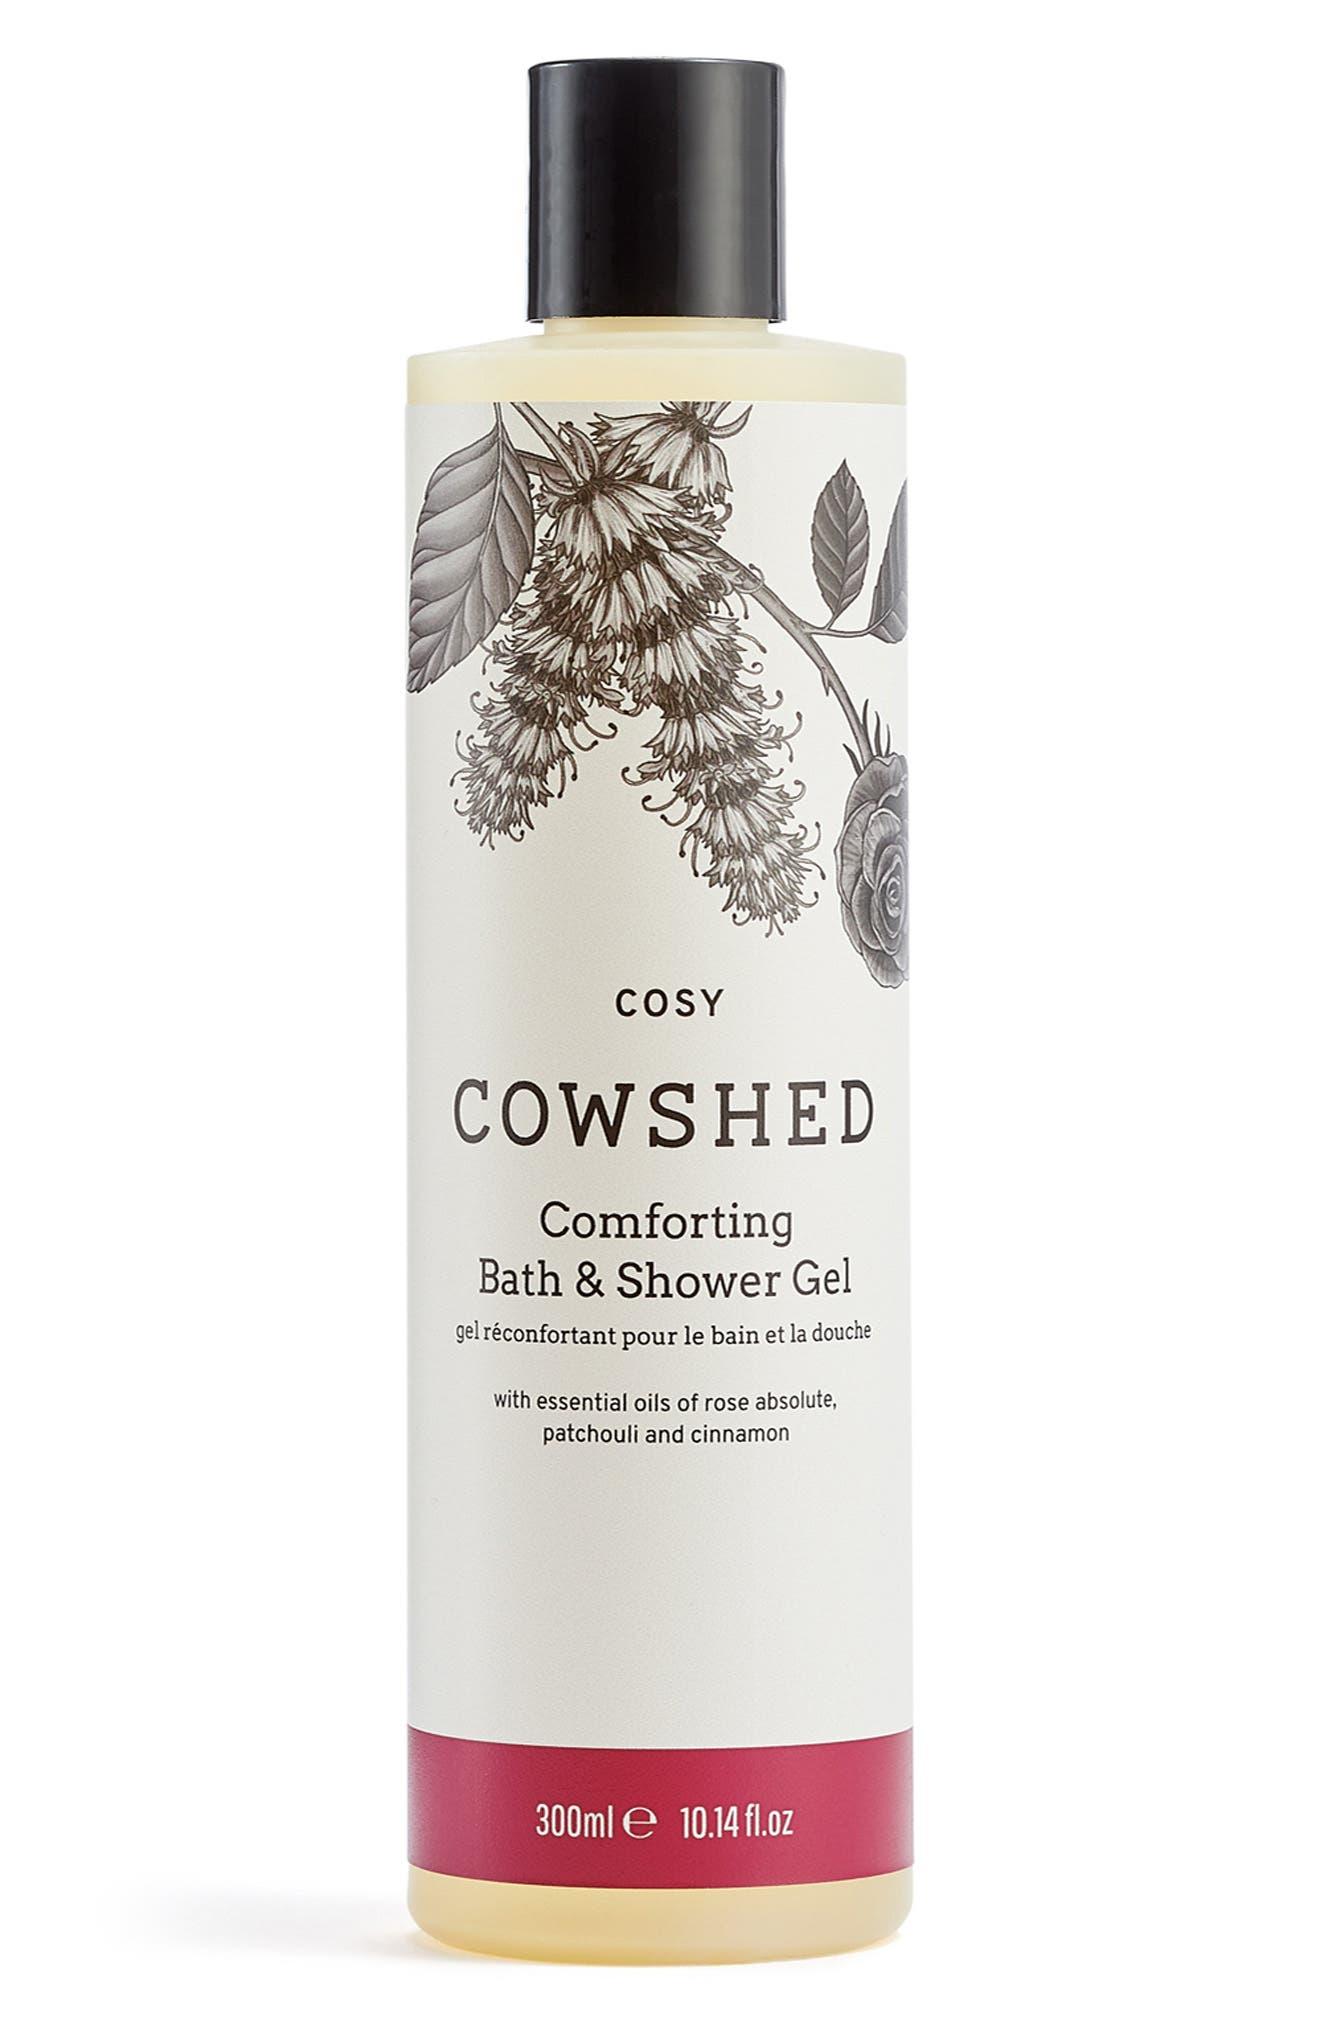 Cosy Bath & Shower Gel